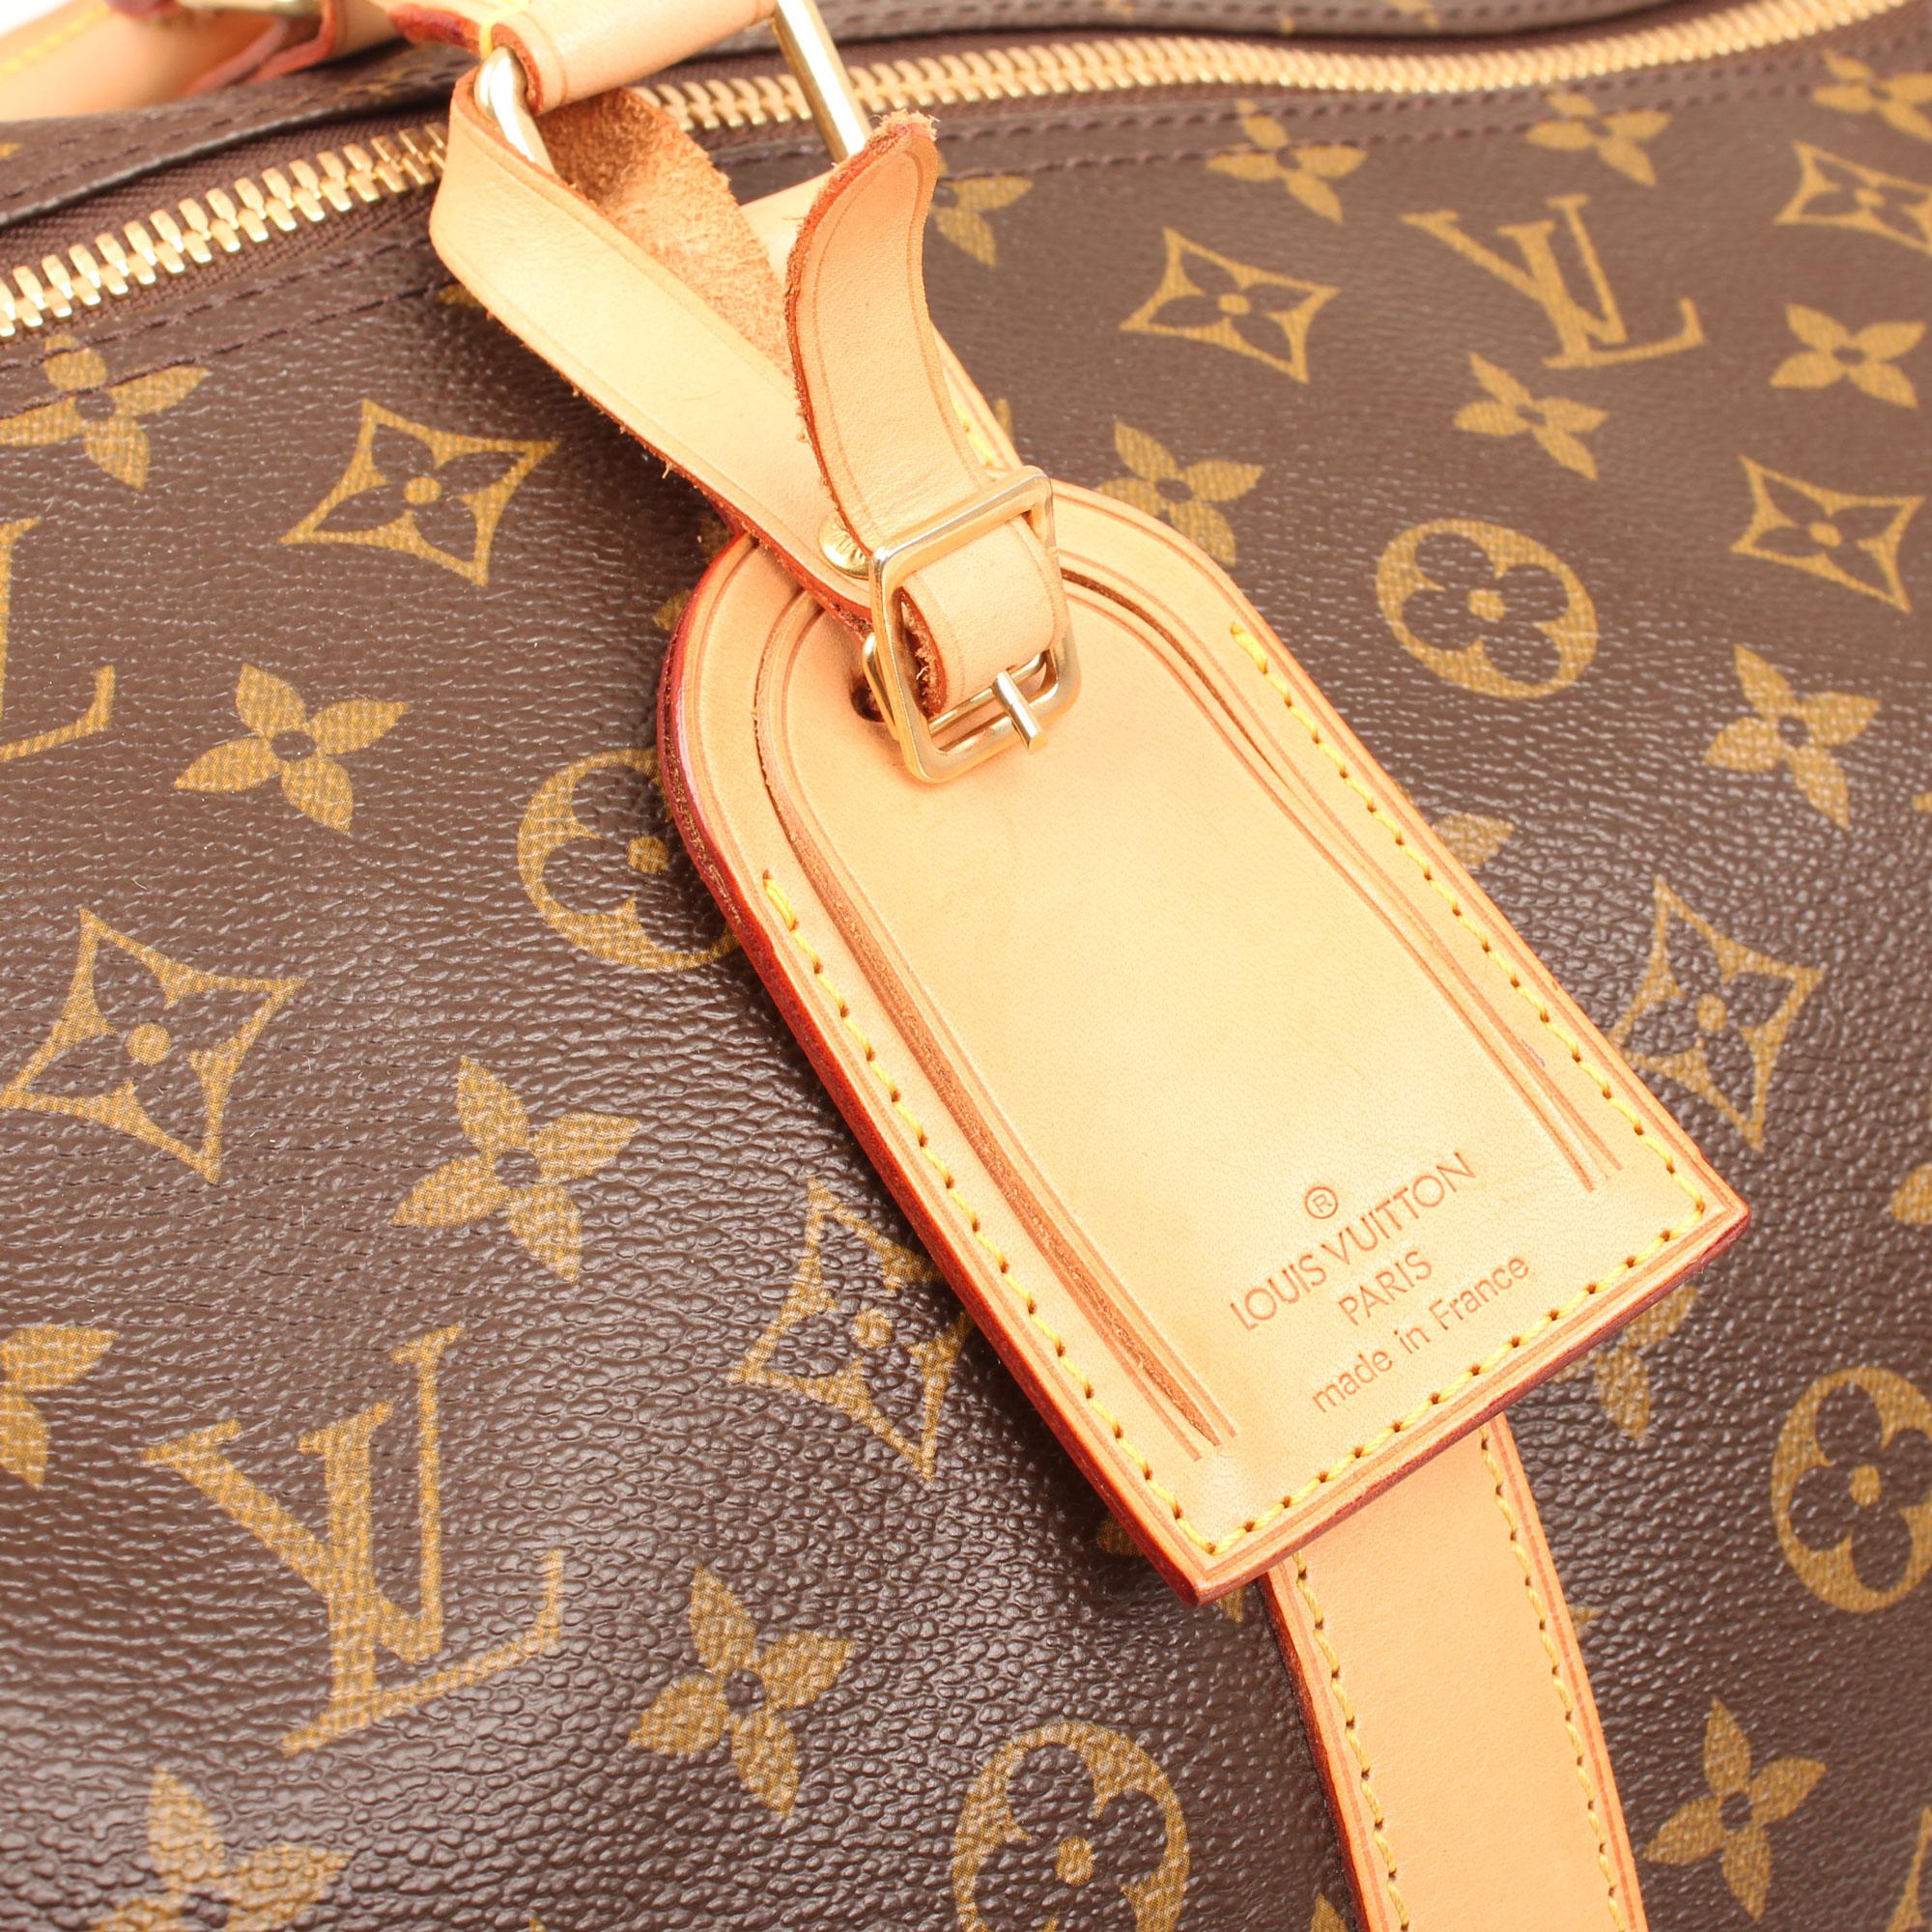 travel-bag-louis-vuitton-keepall-60-monogram-zipper-IDtag